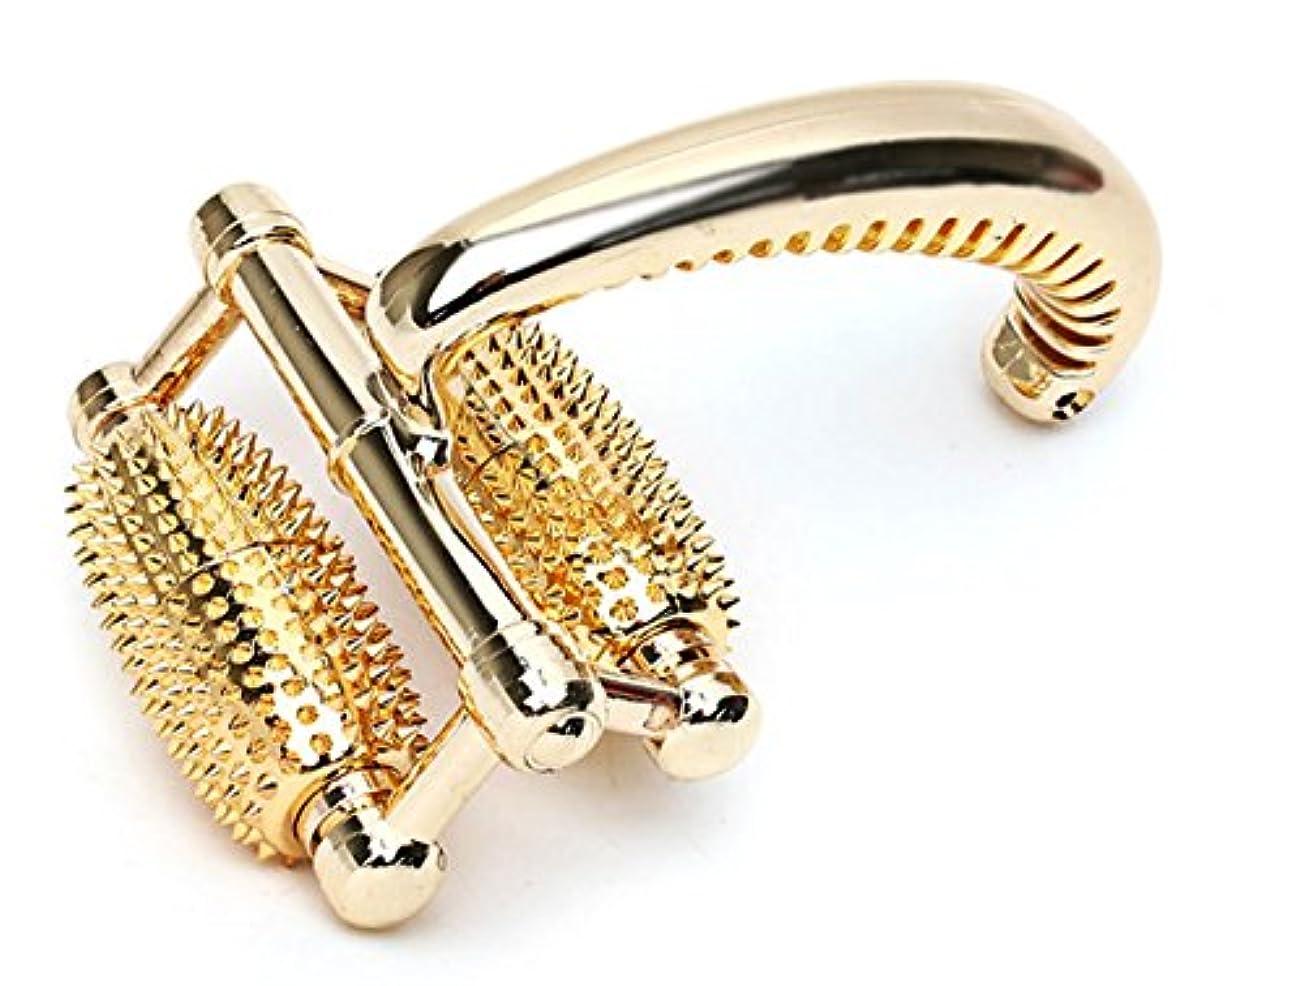 過半数落とし穴革命的SungjinABLE 金針ローラー 全身マッサージ器 ローラ 経穴点 指圧マッサージ機 手のひら 足 肩 首 アンマ機 海外直送品 (Gold Full Body Roller Massager Acupressure...